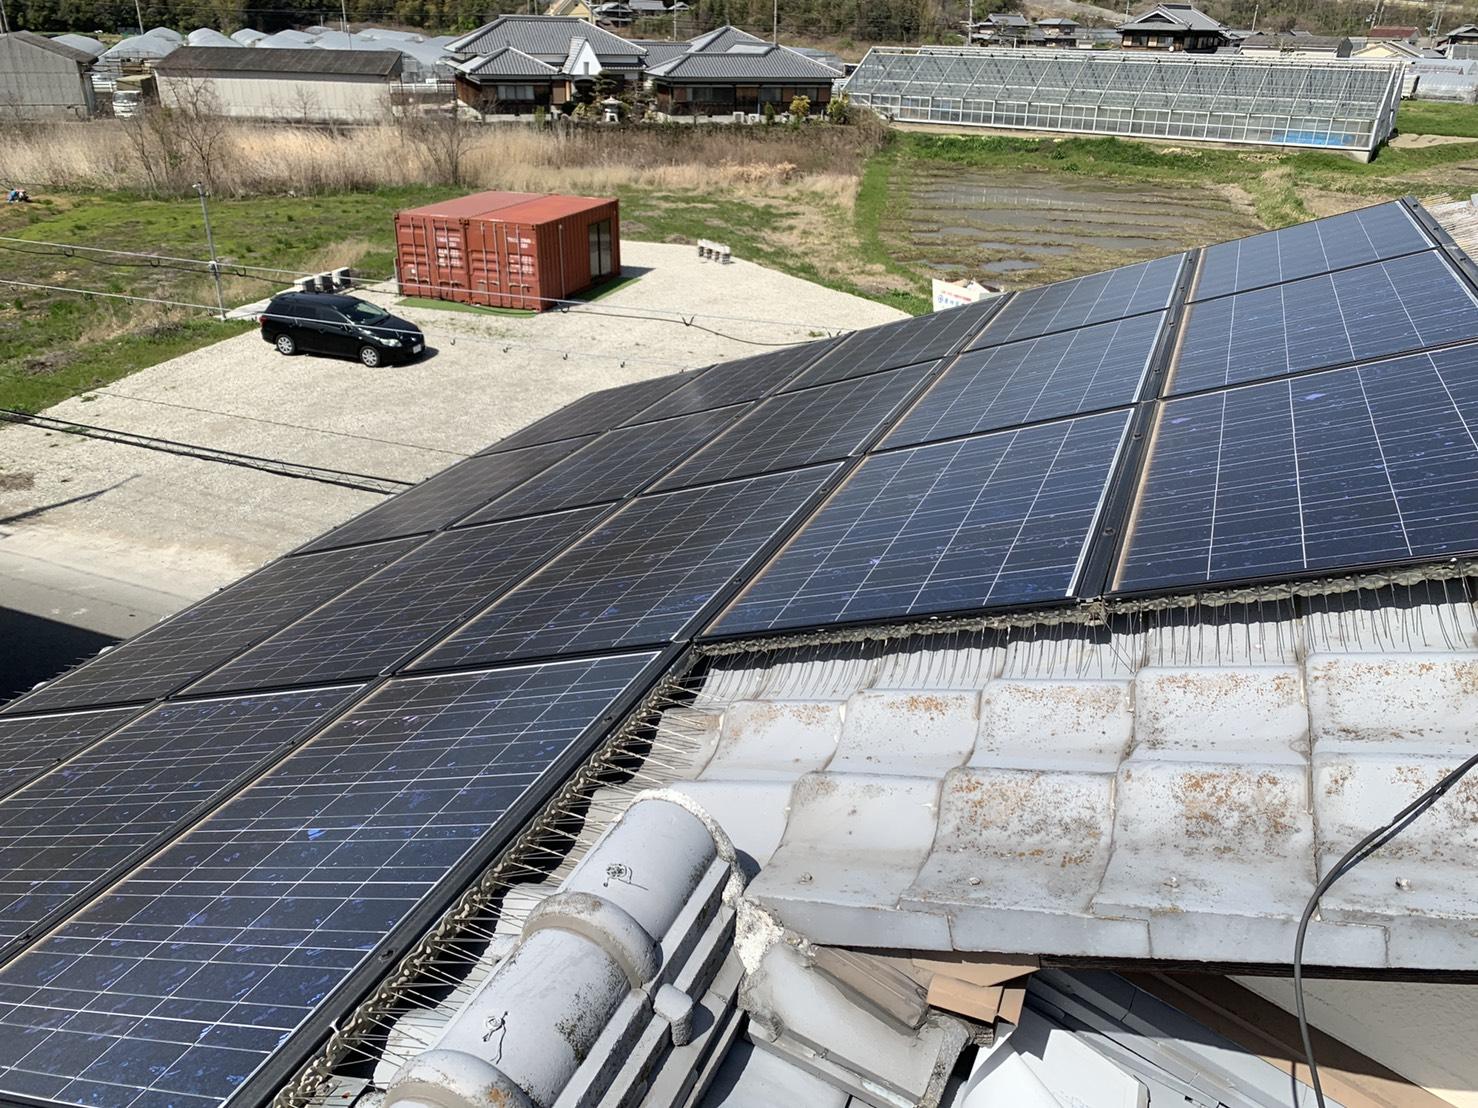 瓦屋根の上に太陽光パネルが乗っている様子